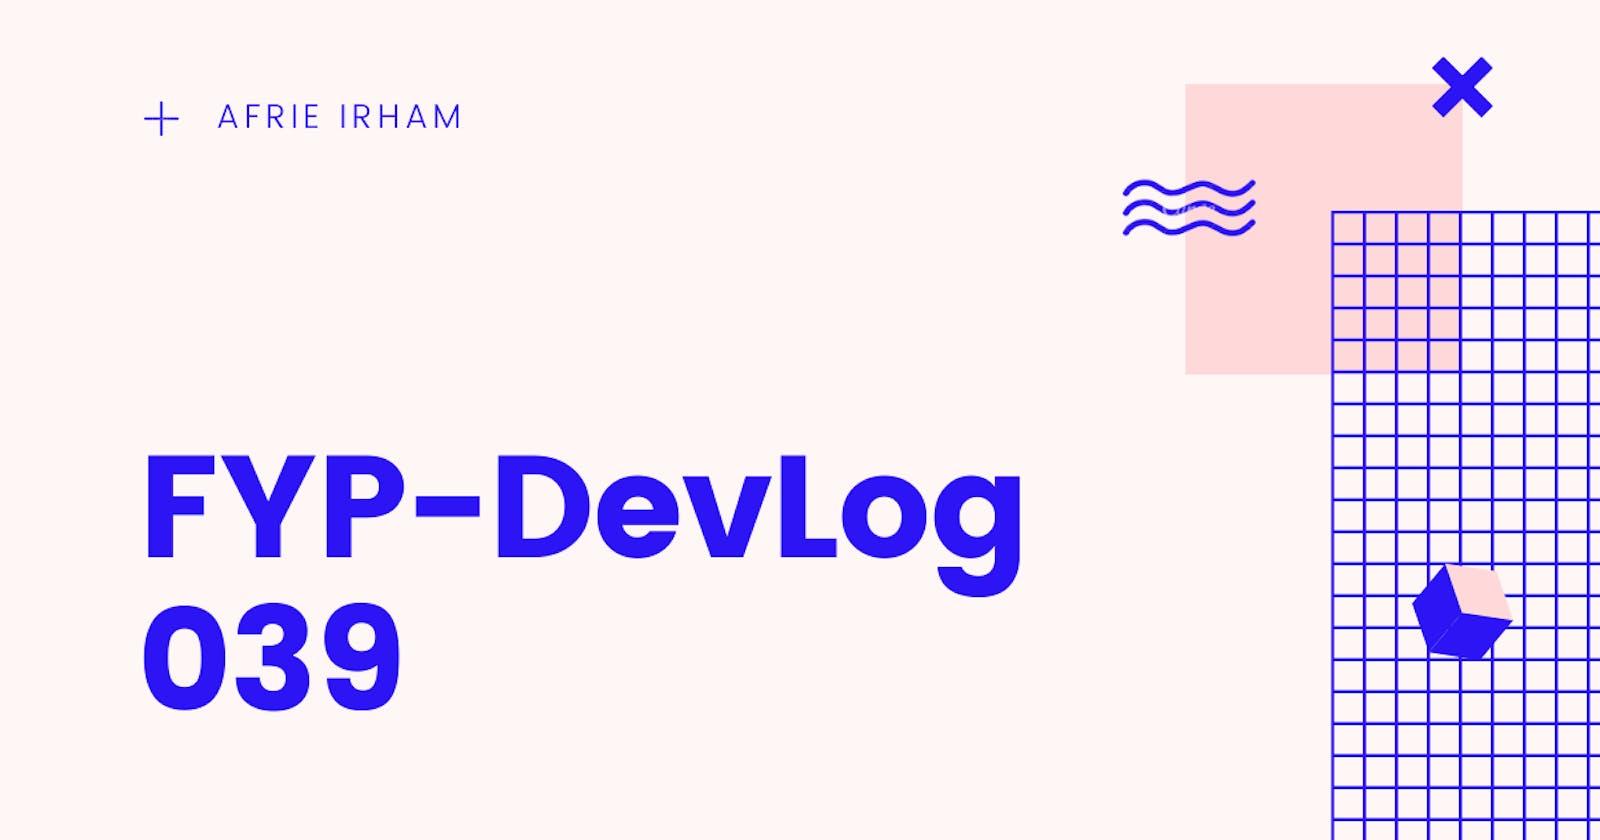 FYP-DevLog 039